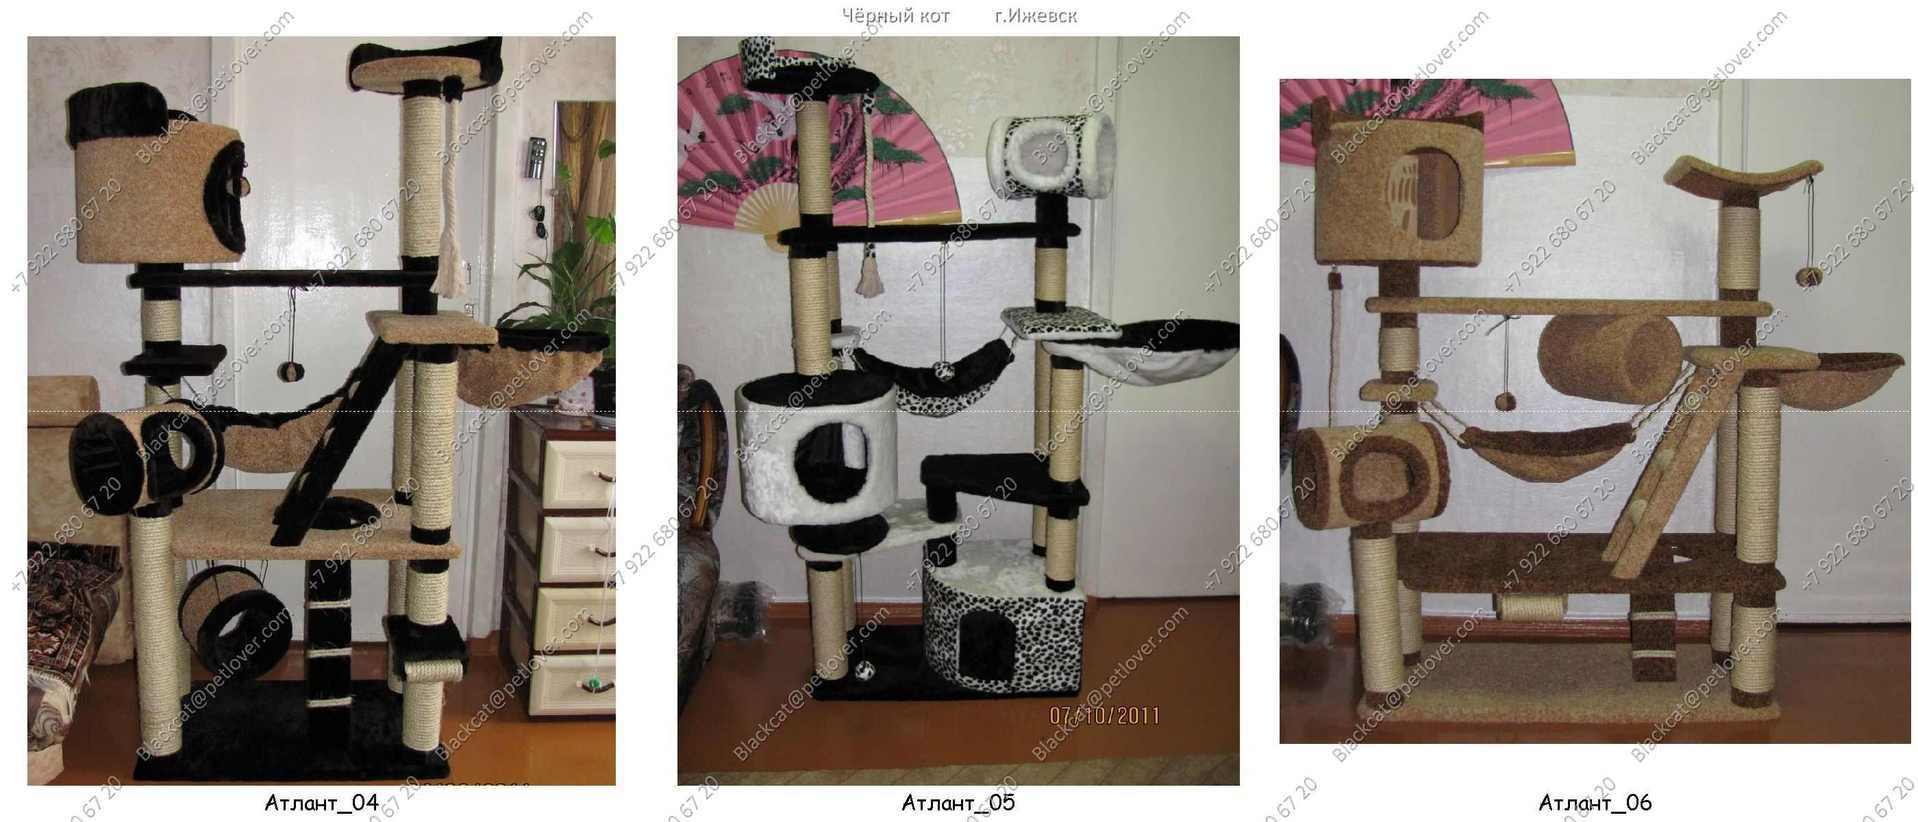 Как сделать игровой комплекс для кота своими руками